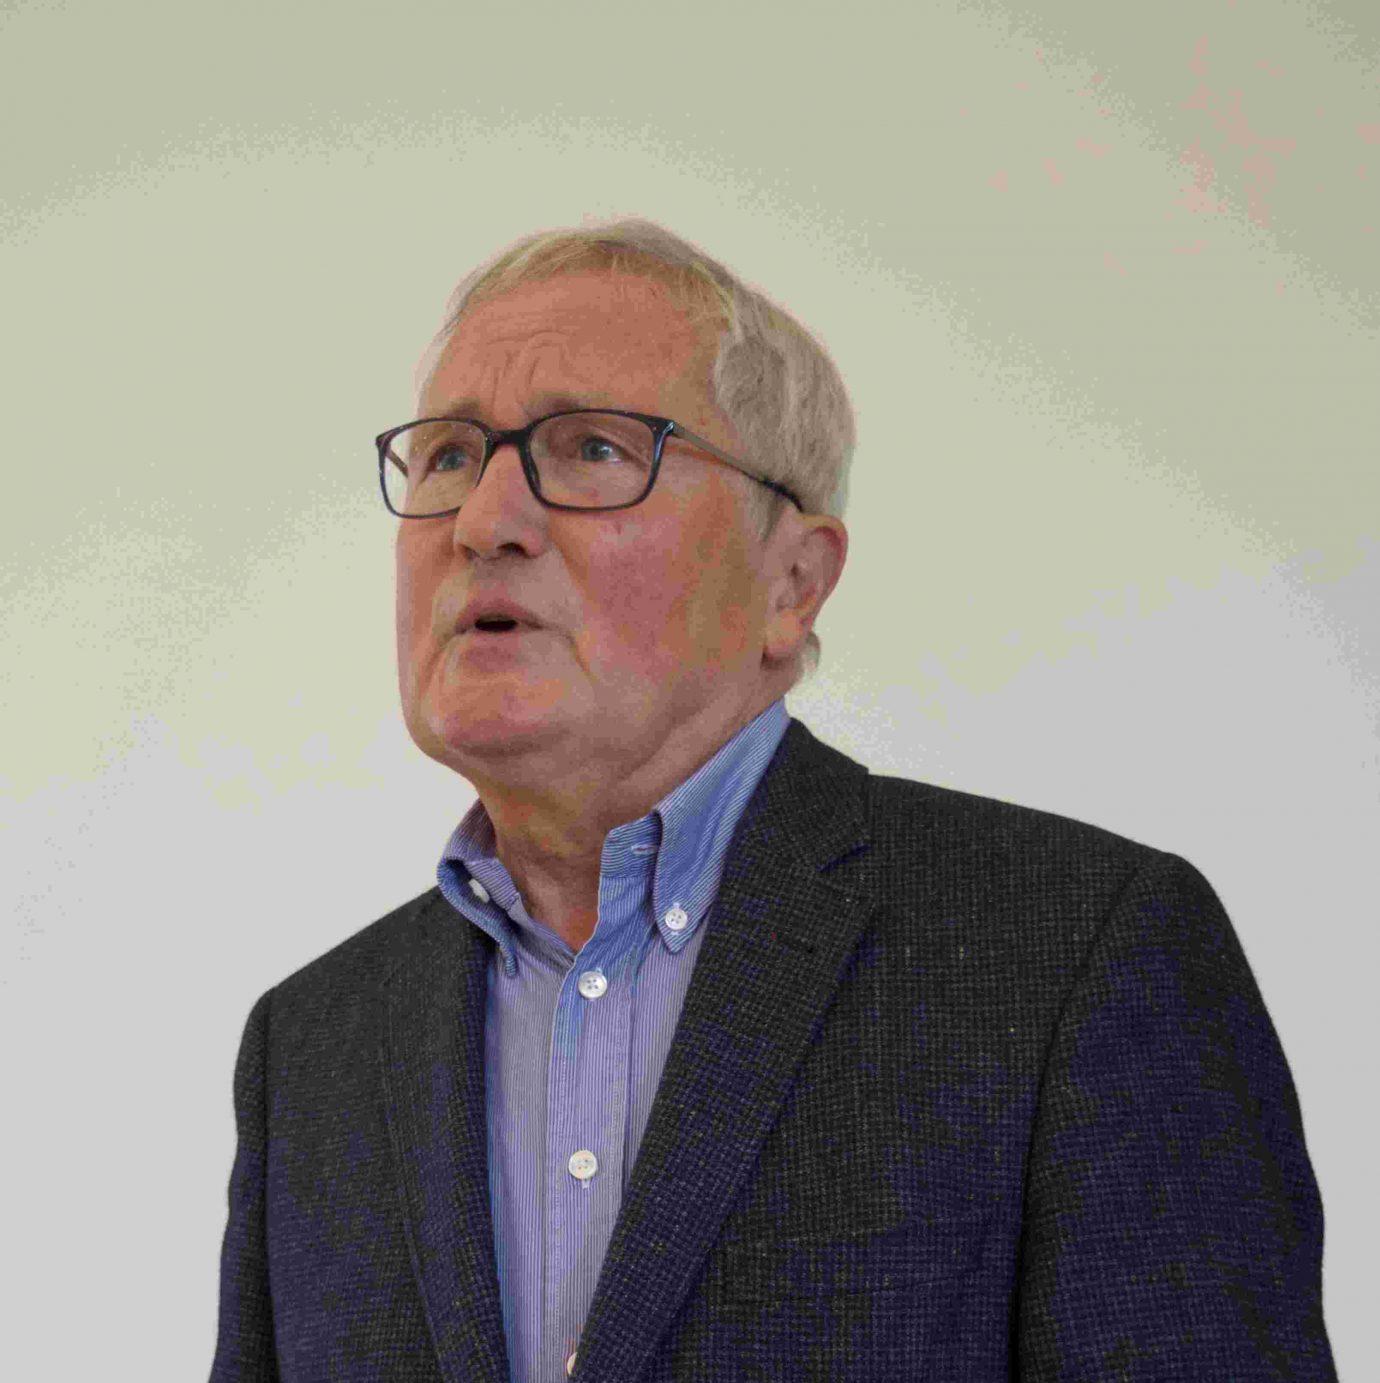 Landessuperintendent i.R. Dr. h.c. Gerrit Noltensmeie